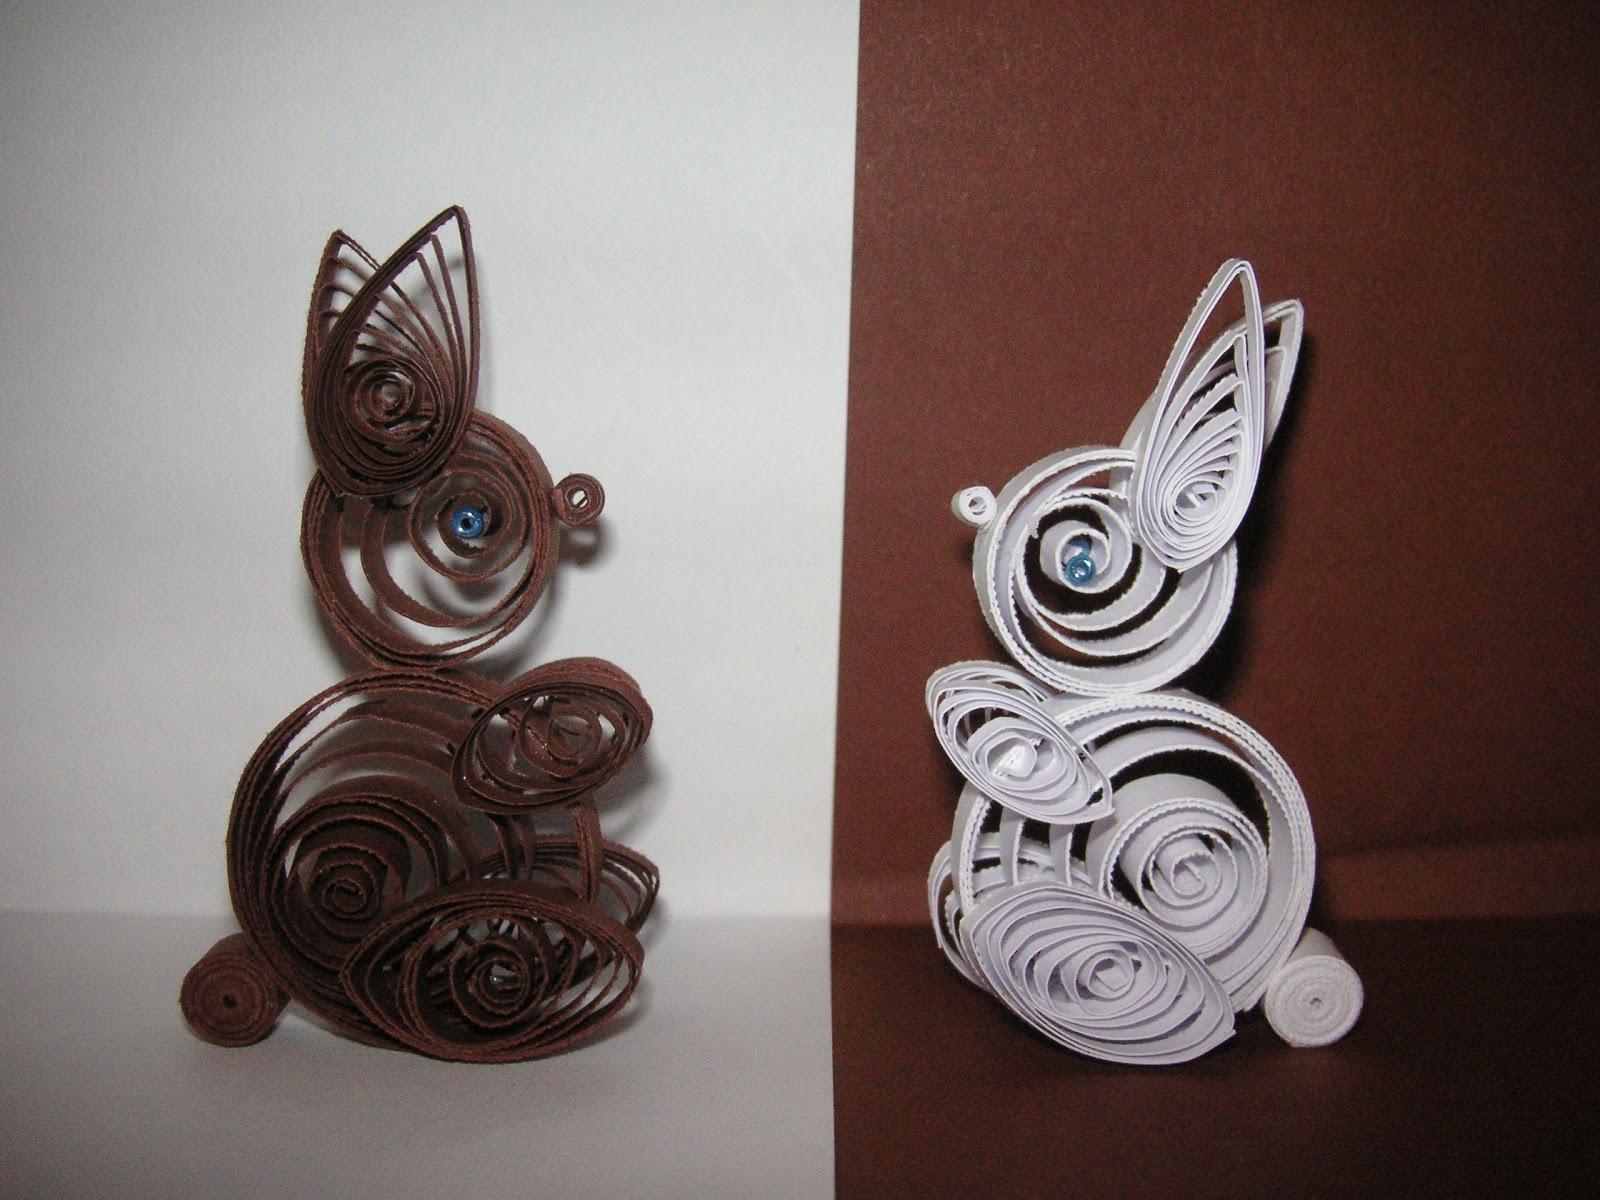 #341E18 La Passion De Mes Doigts: Mes Créations En Quilling Ou  6013 decoration de noel quilling 1600x1200 px @ aertt.com